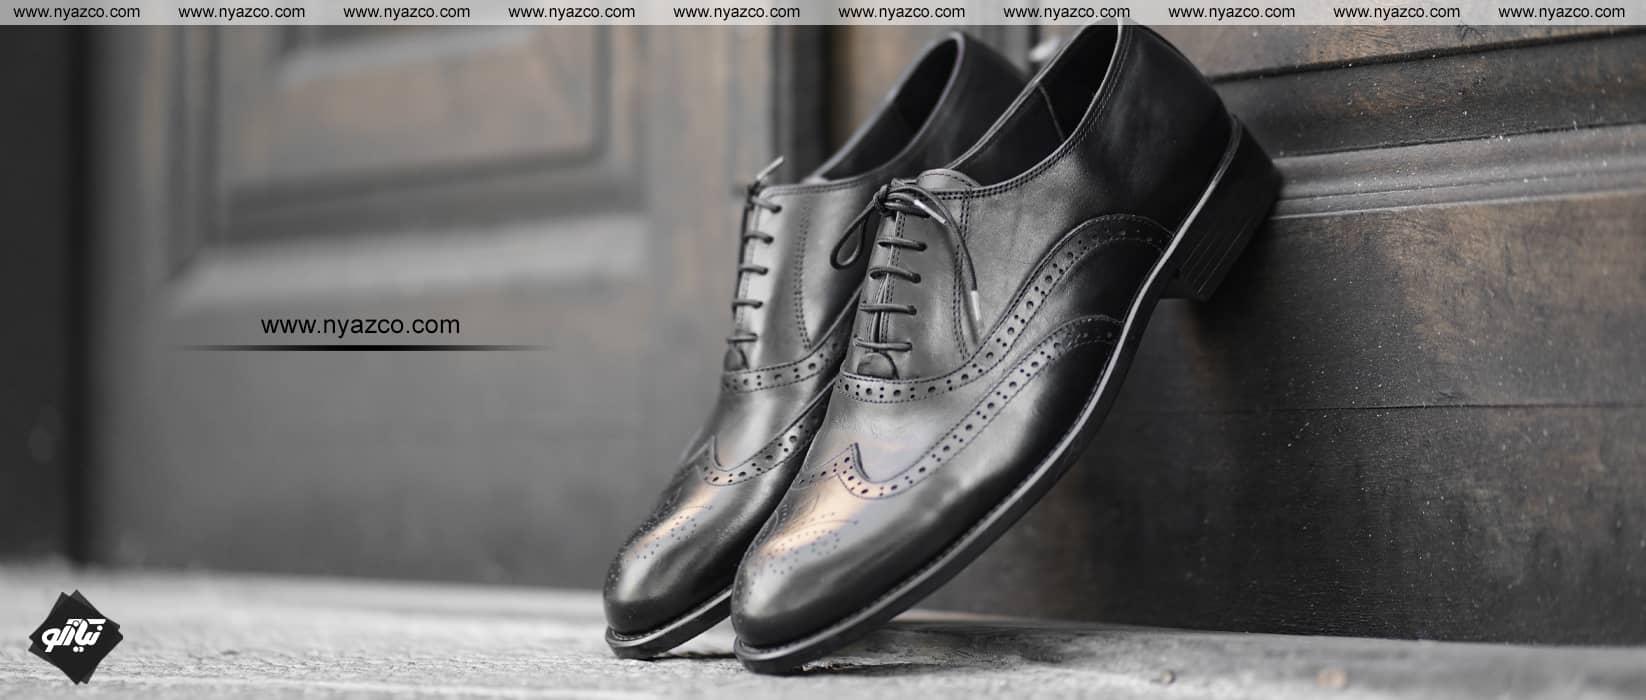 خرید کفش کلاسیک مردانه توران